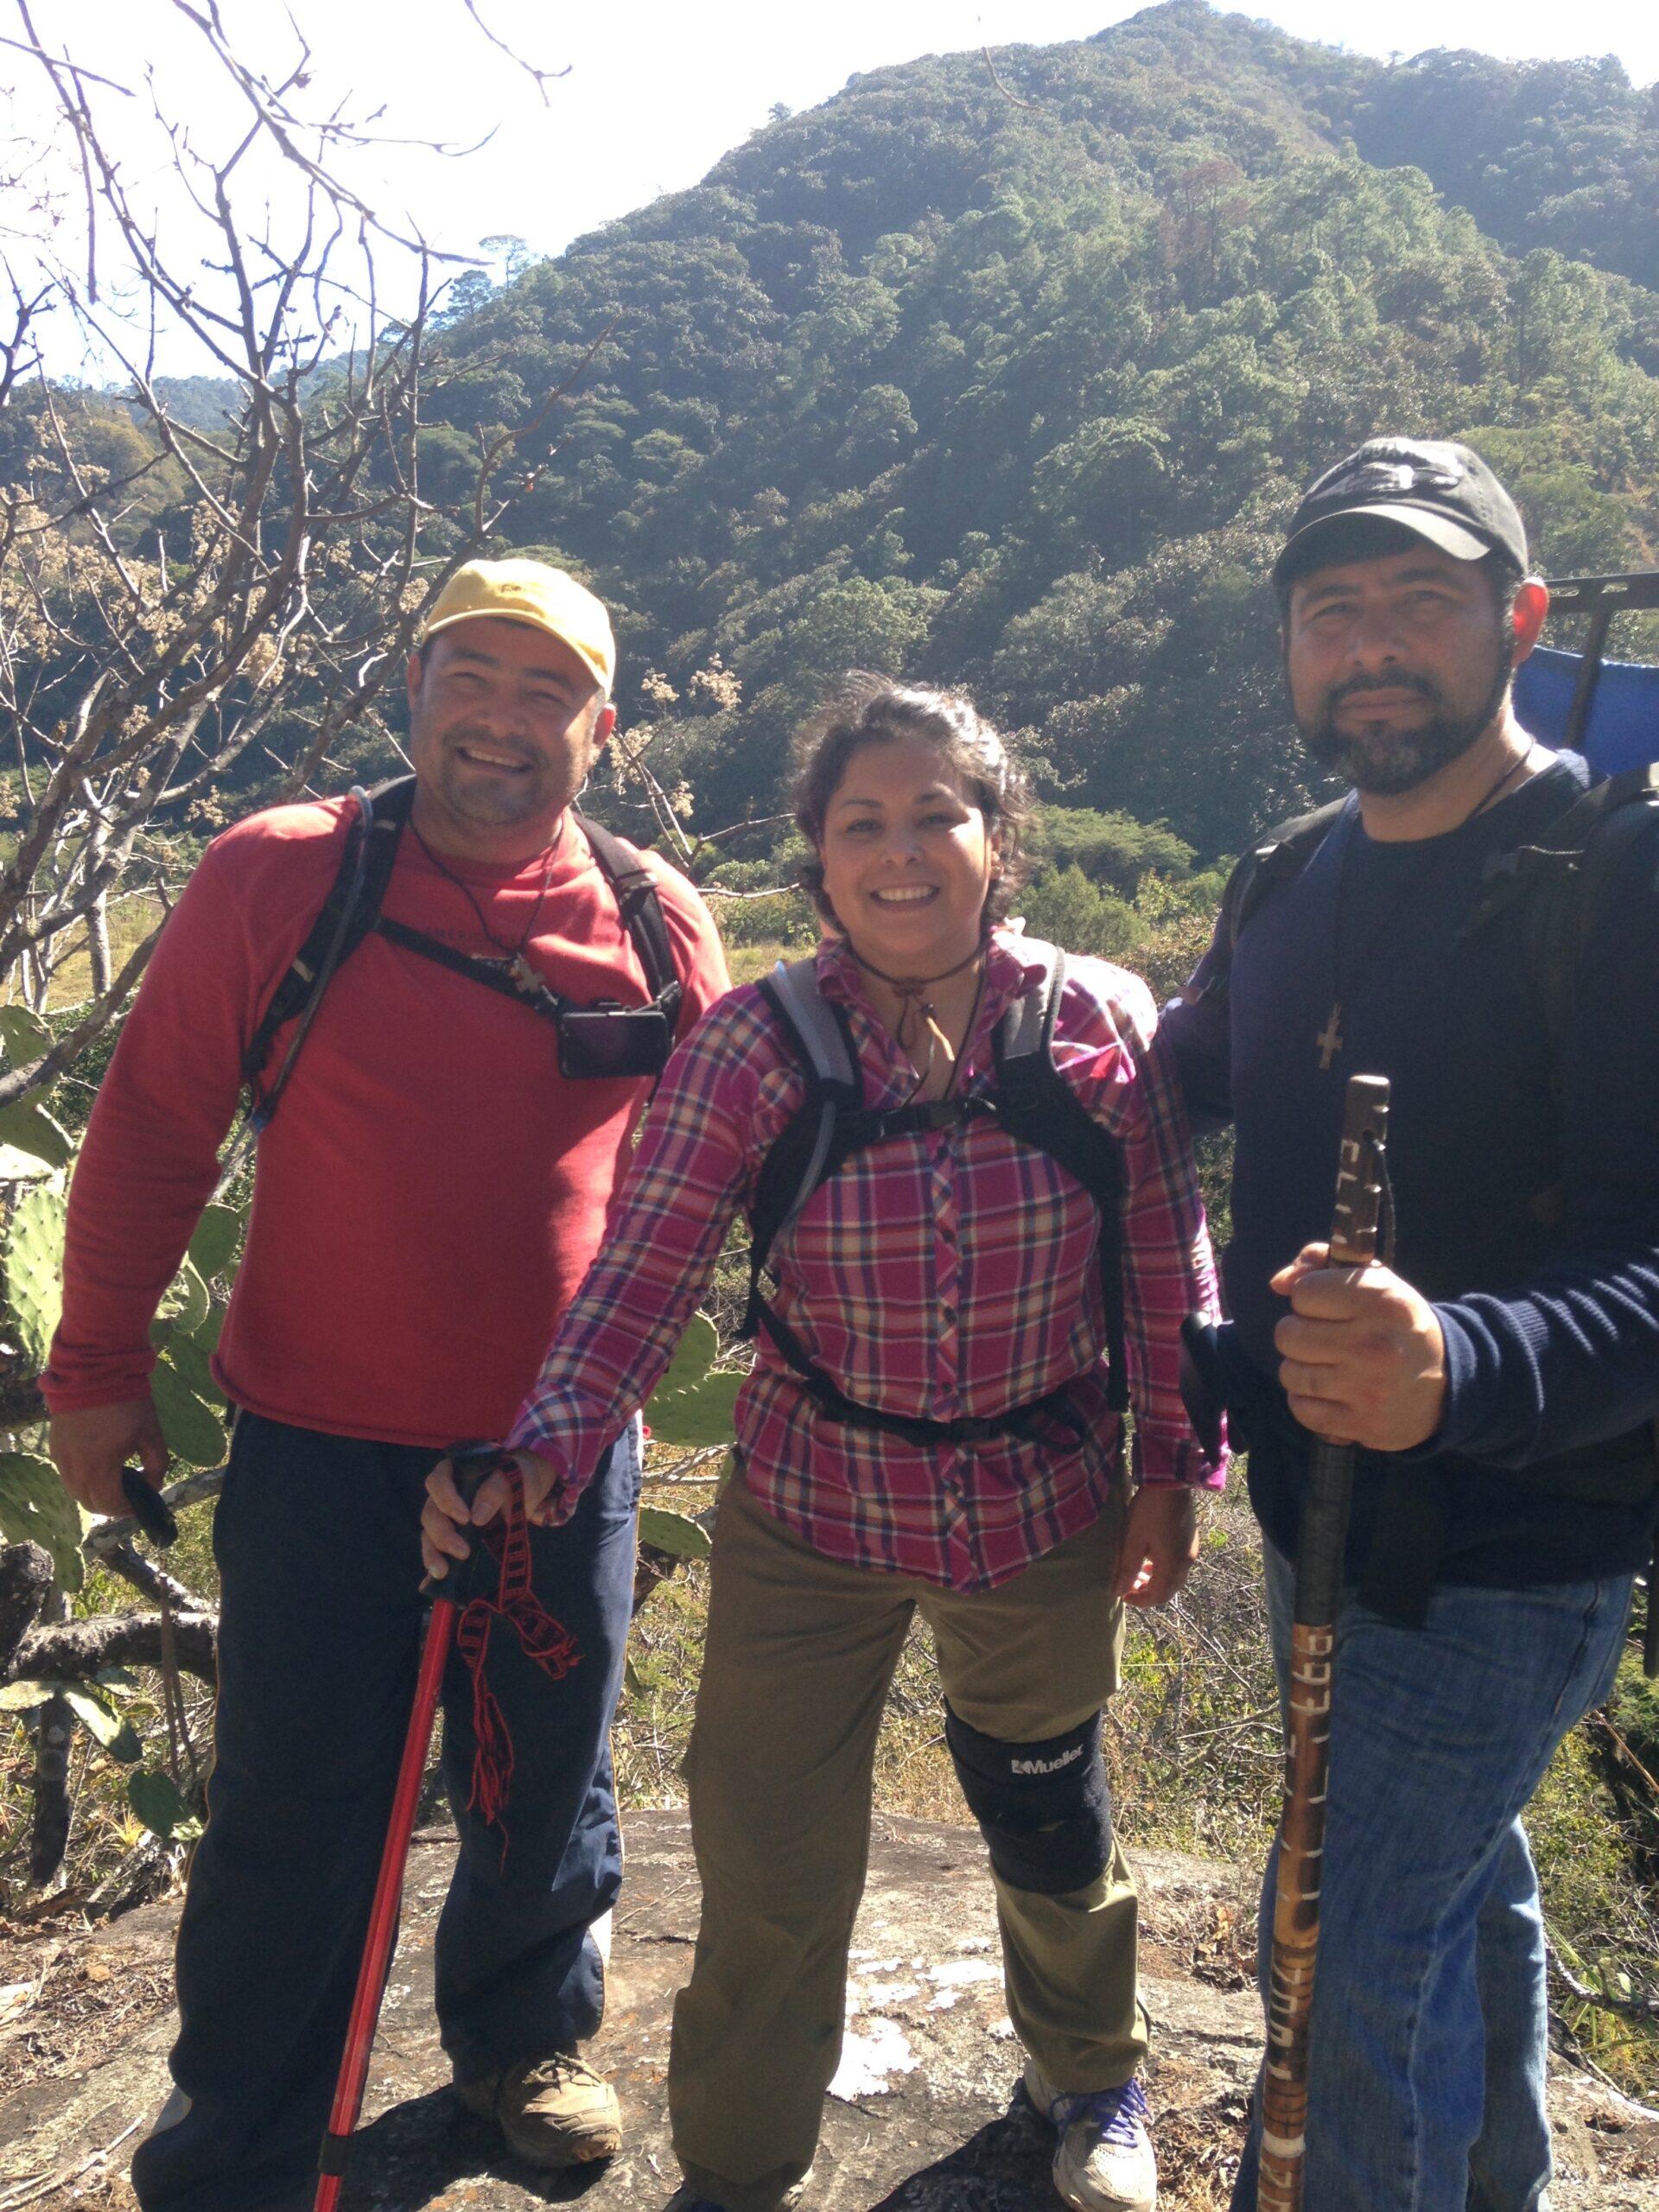 13. Lent: Caminado con Juan Diego - Walking with Juan Diego